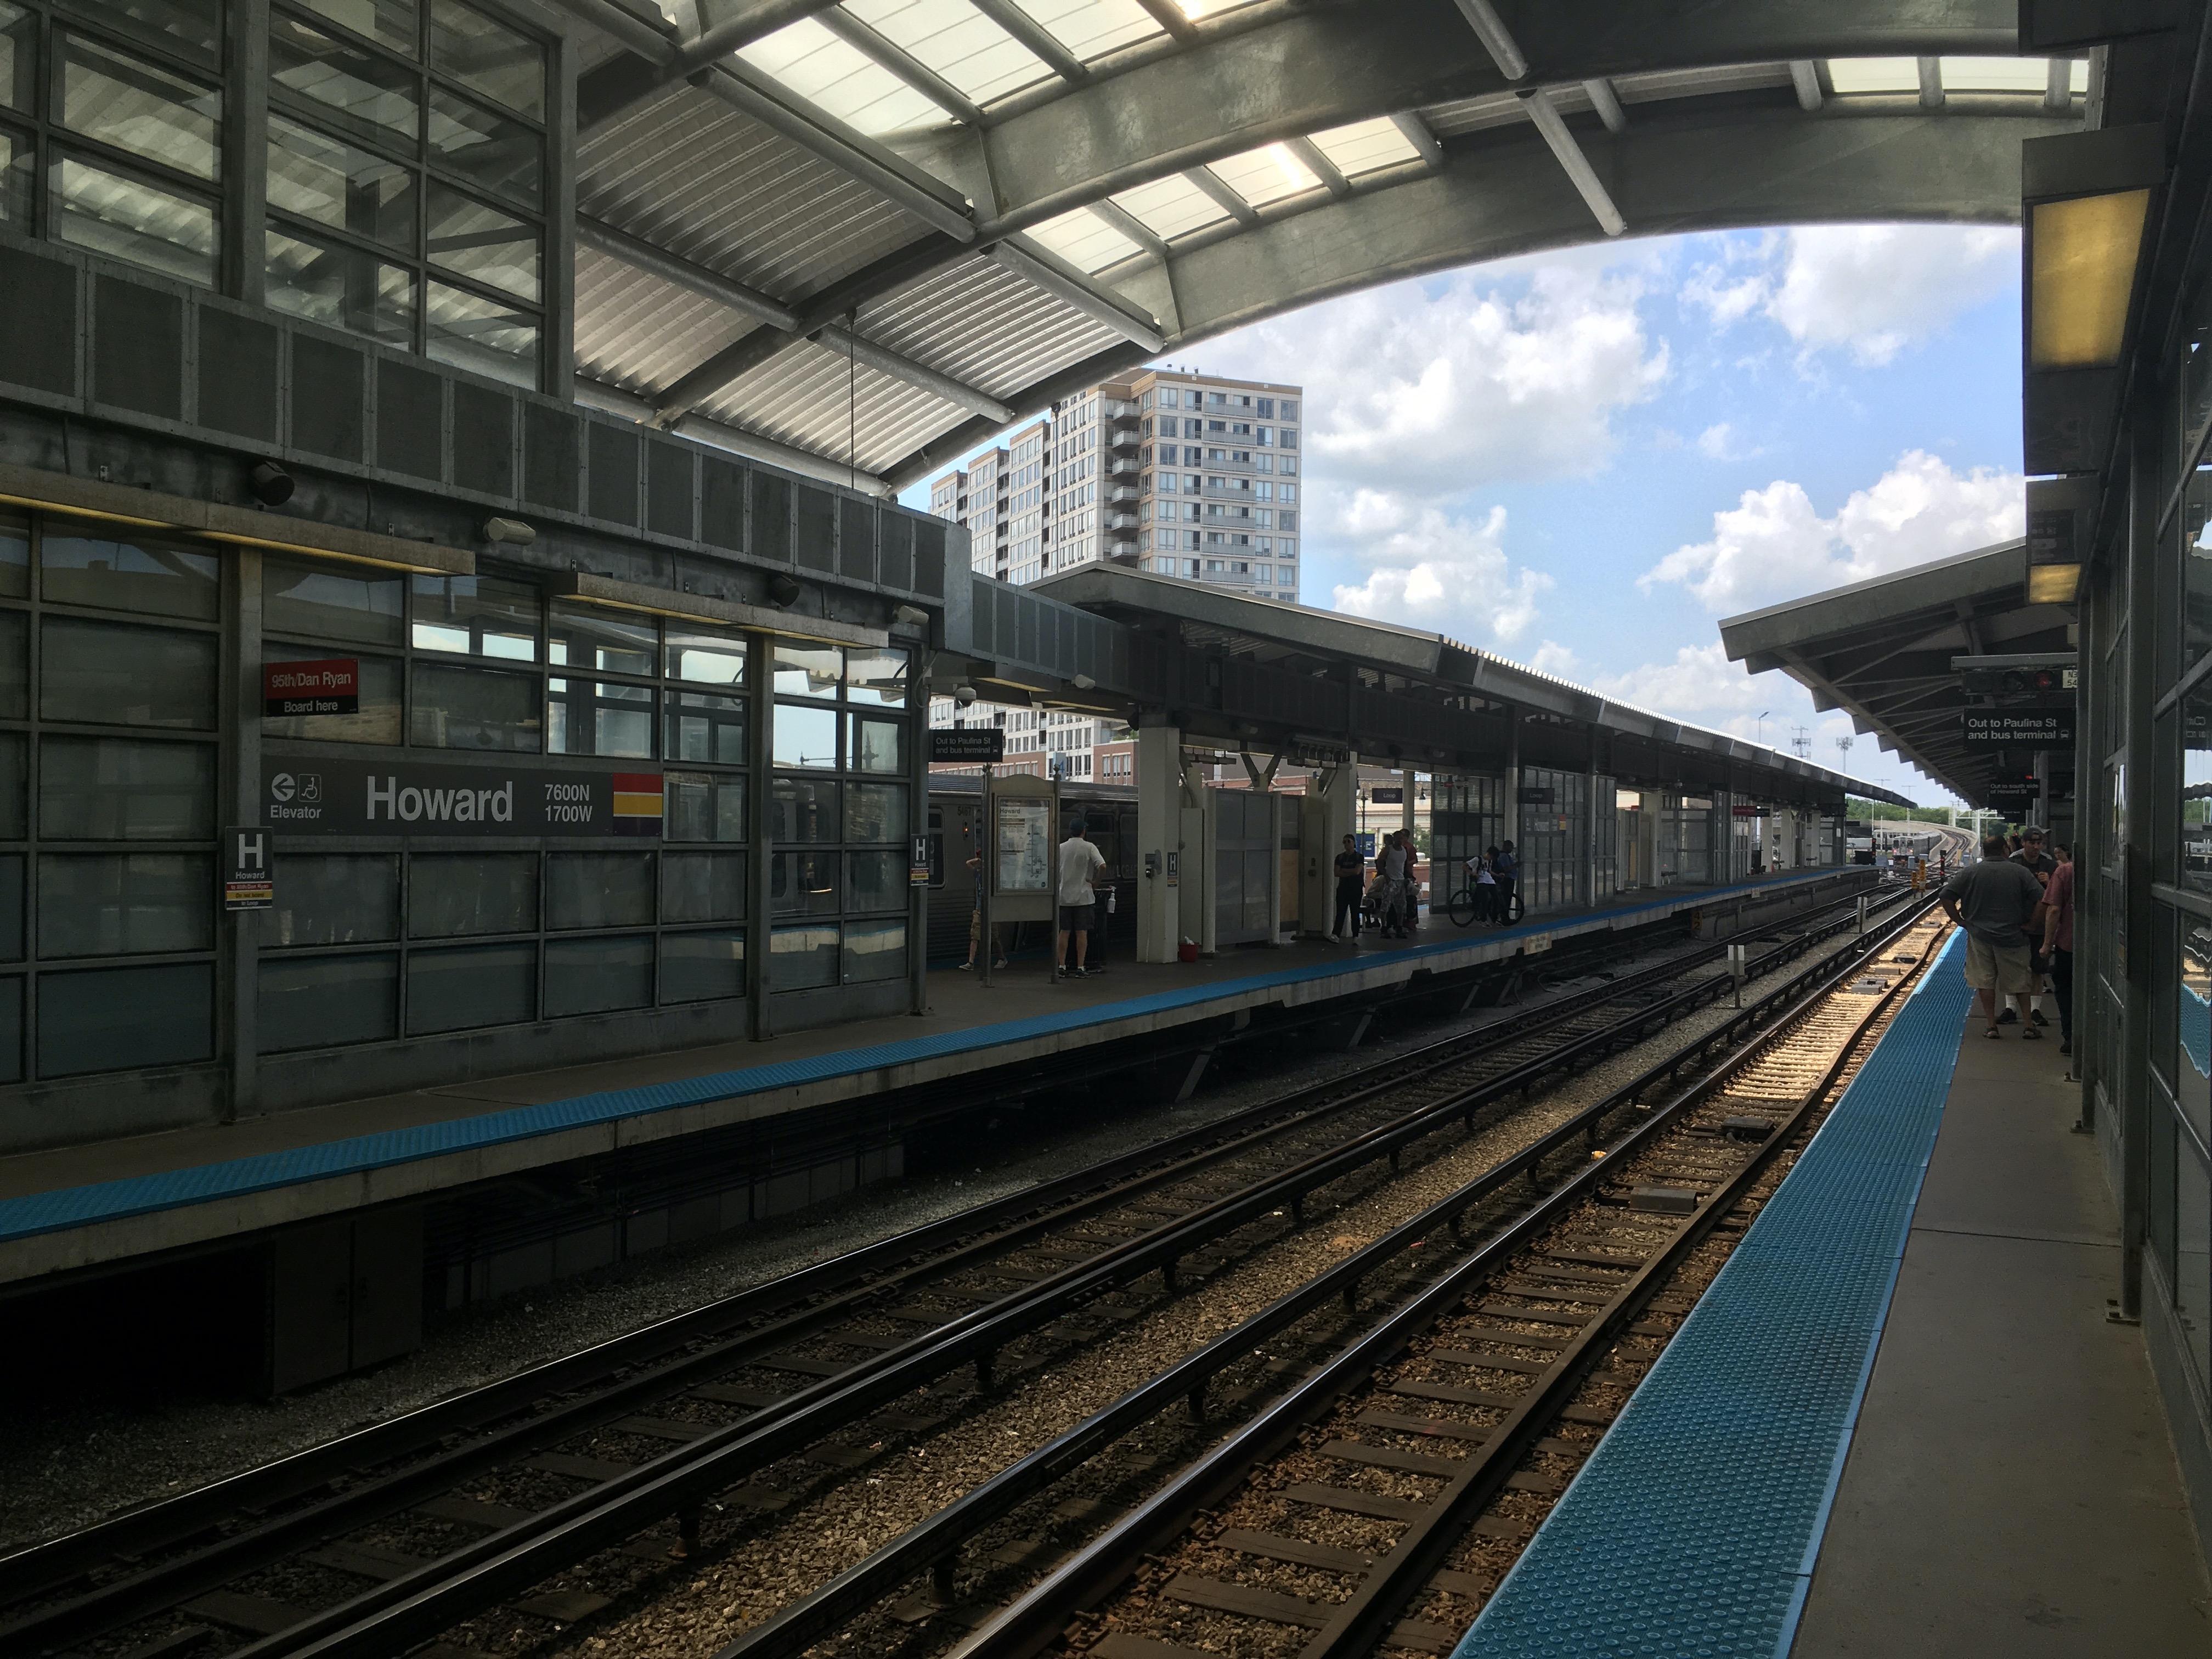 Howard station - Wikipedia